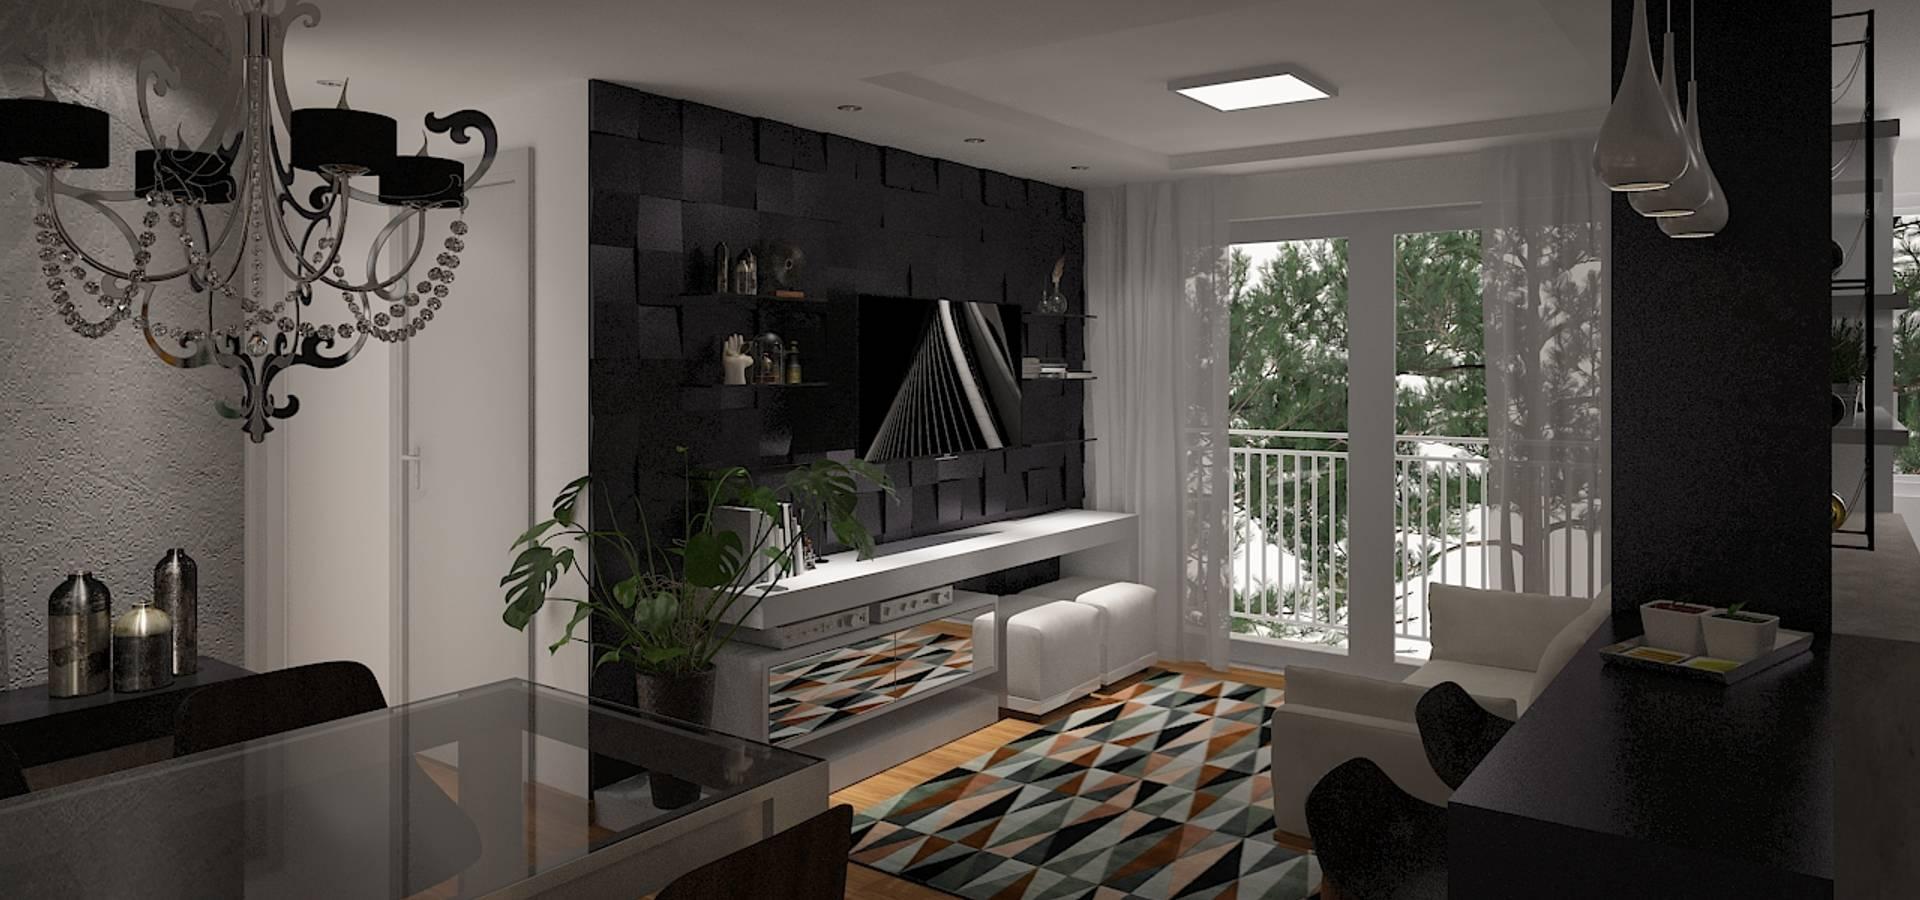 Area 3 Arquitetura